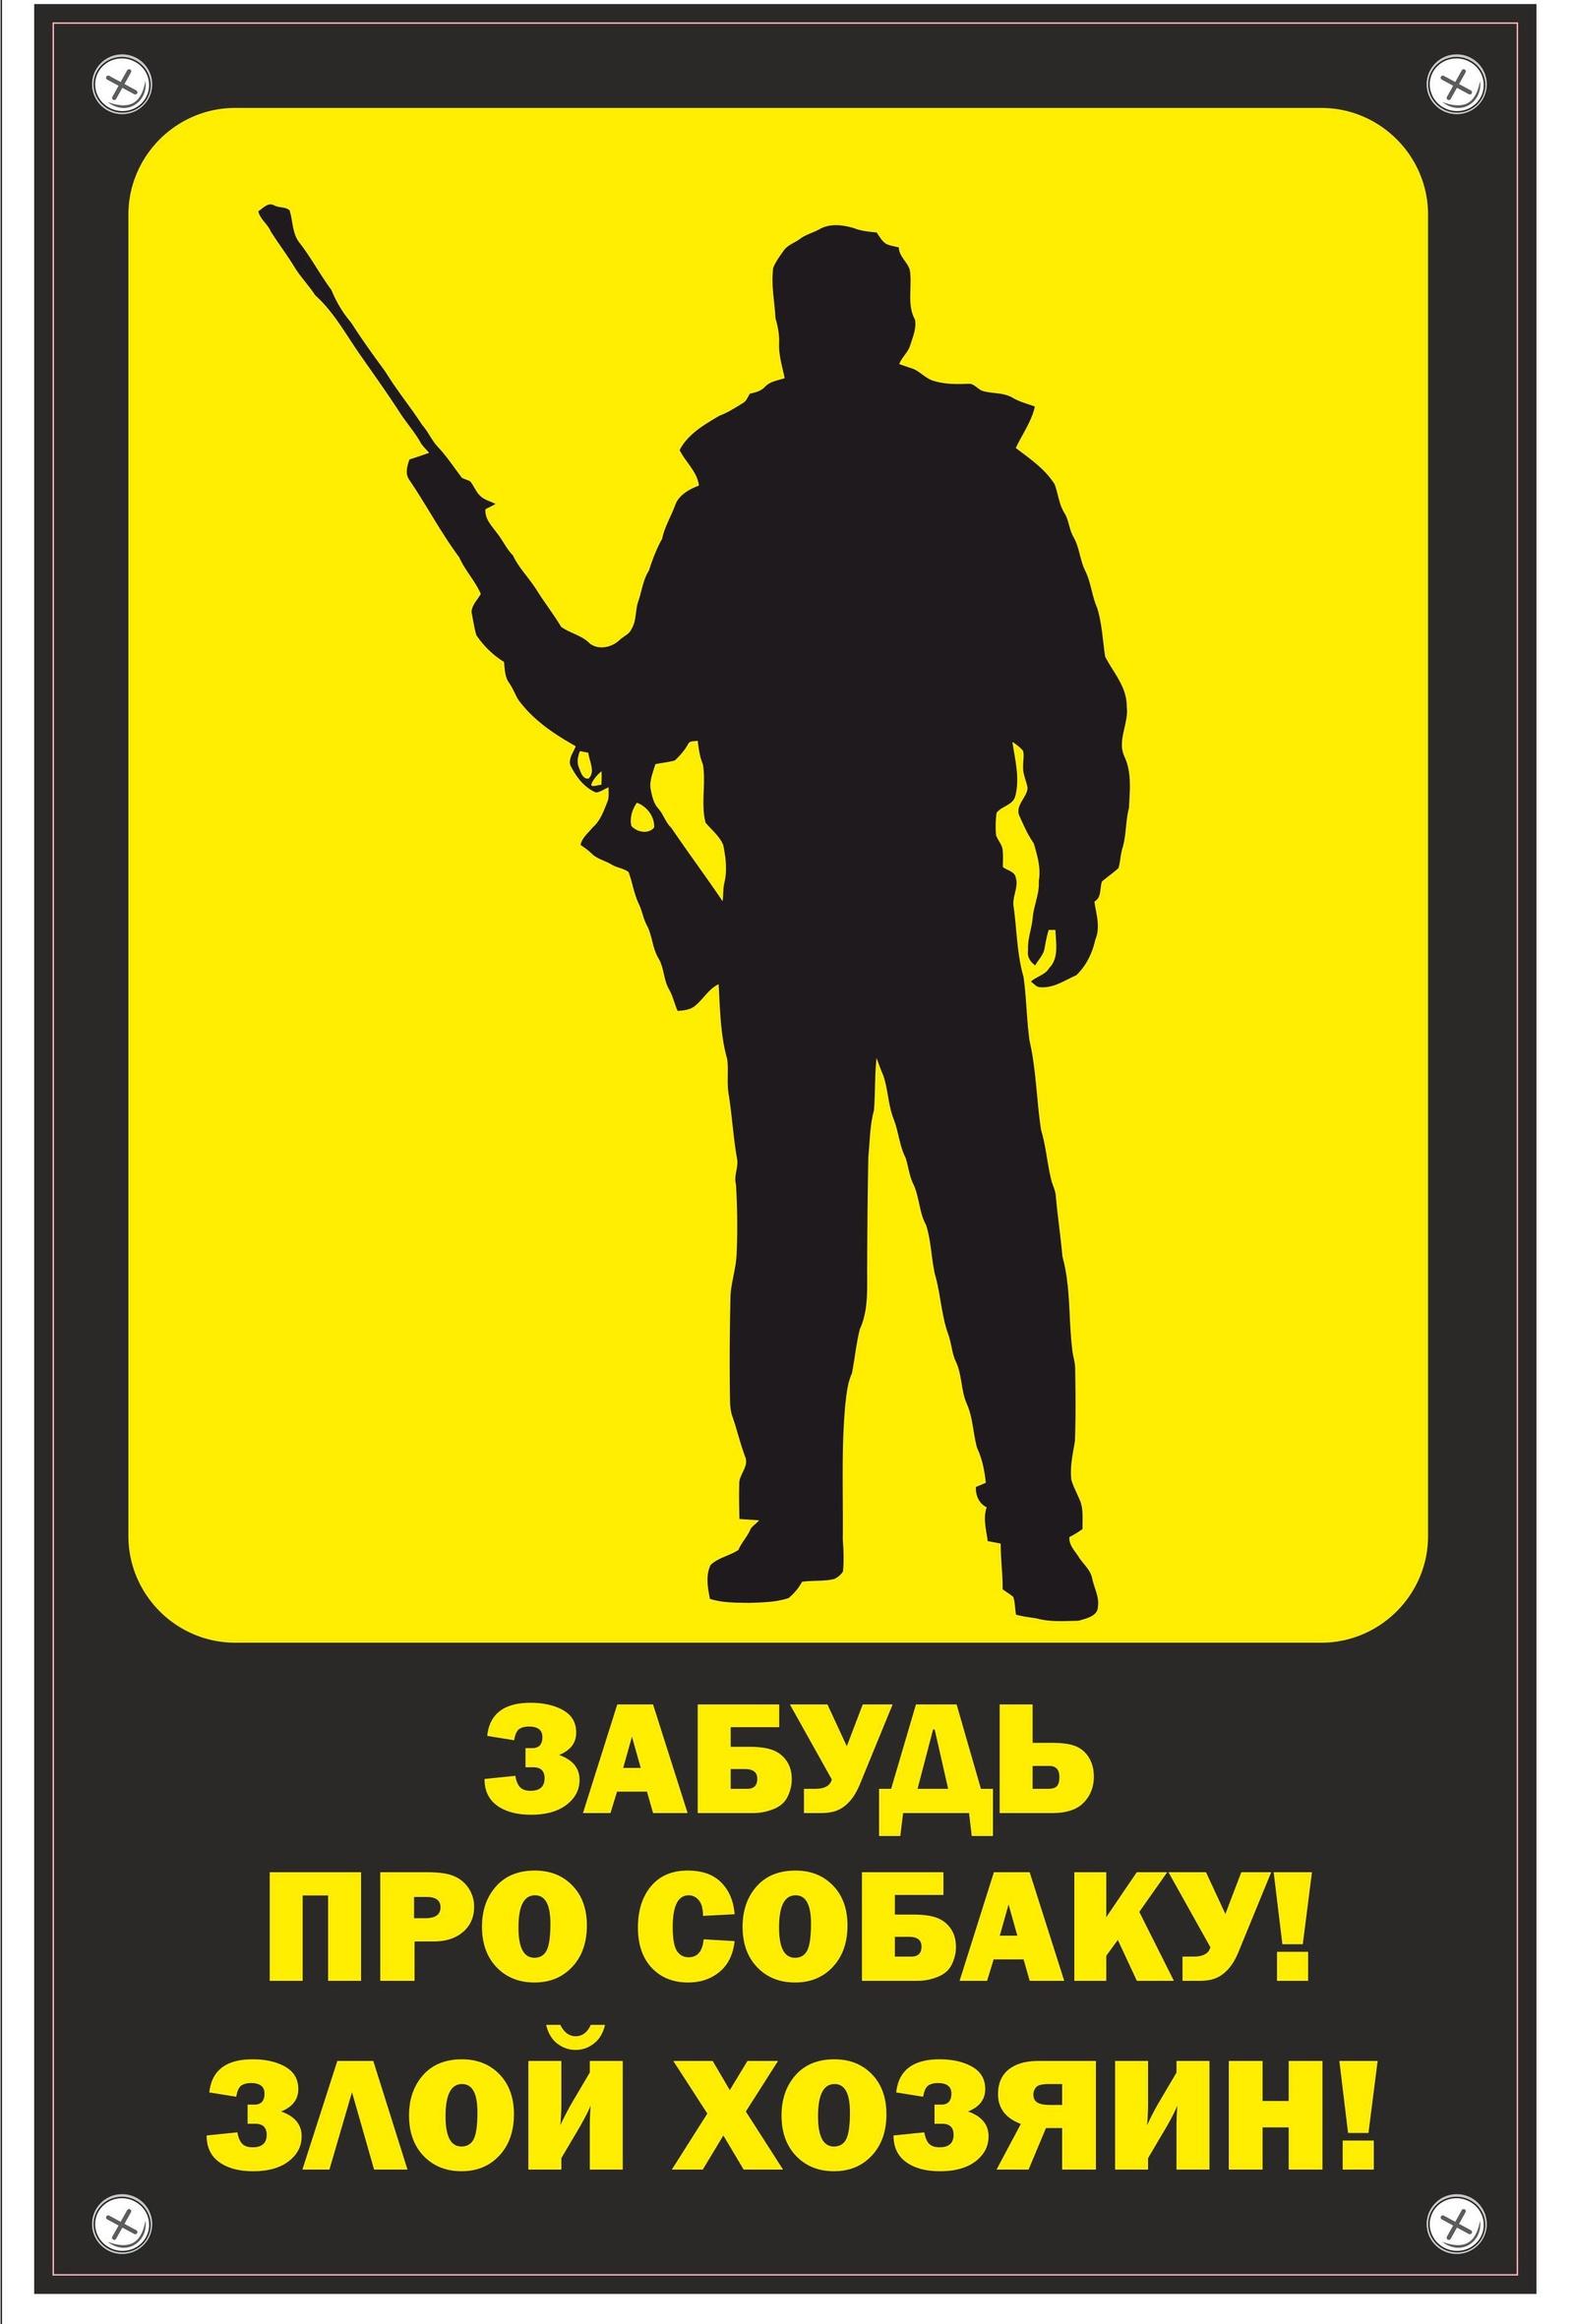 Табличка Mashinokom Хозяин TPS 006, черный, желтый, 30*19,5 см табличка mashinokom моя территория tpo 006